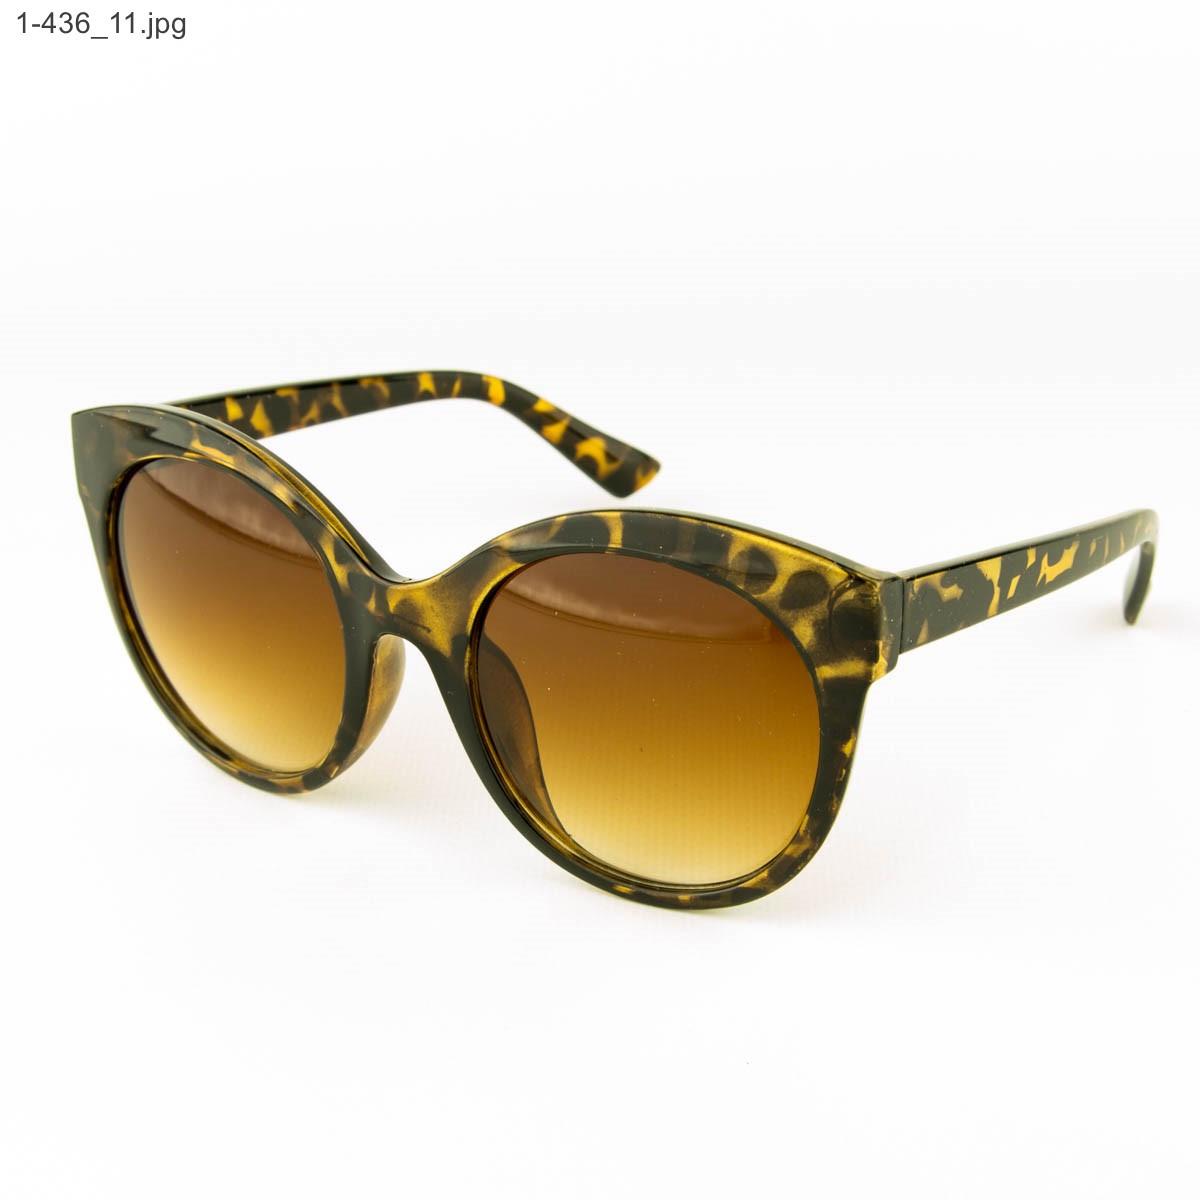 2557b11c4160f Женские очки солнцезащитные - леопардовые - 1-436 - Интернет магазин  Товарофф в Хмельницком